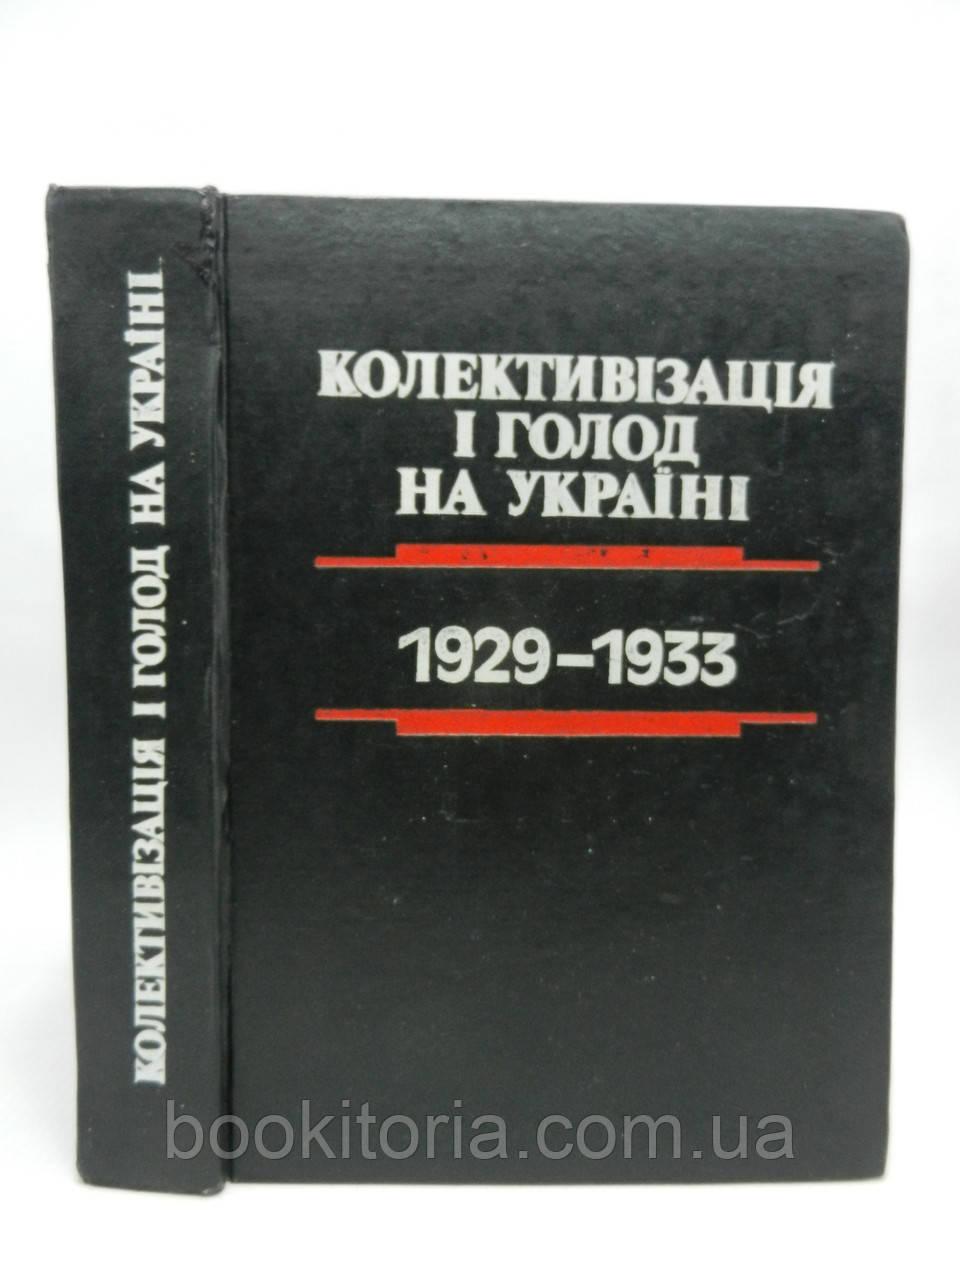 Колективізація і голод на Україні: 1929 – 1933 (б/у).